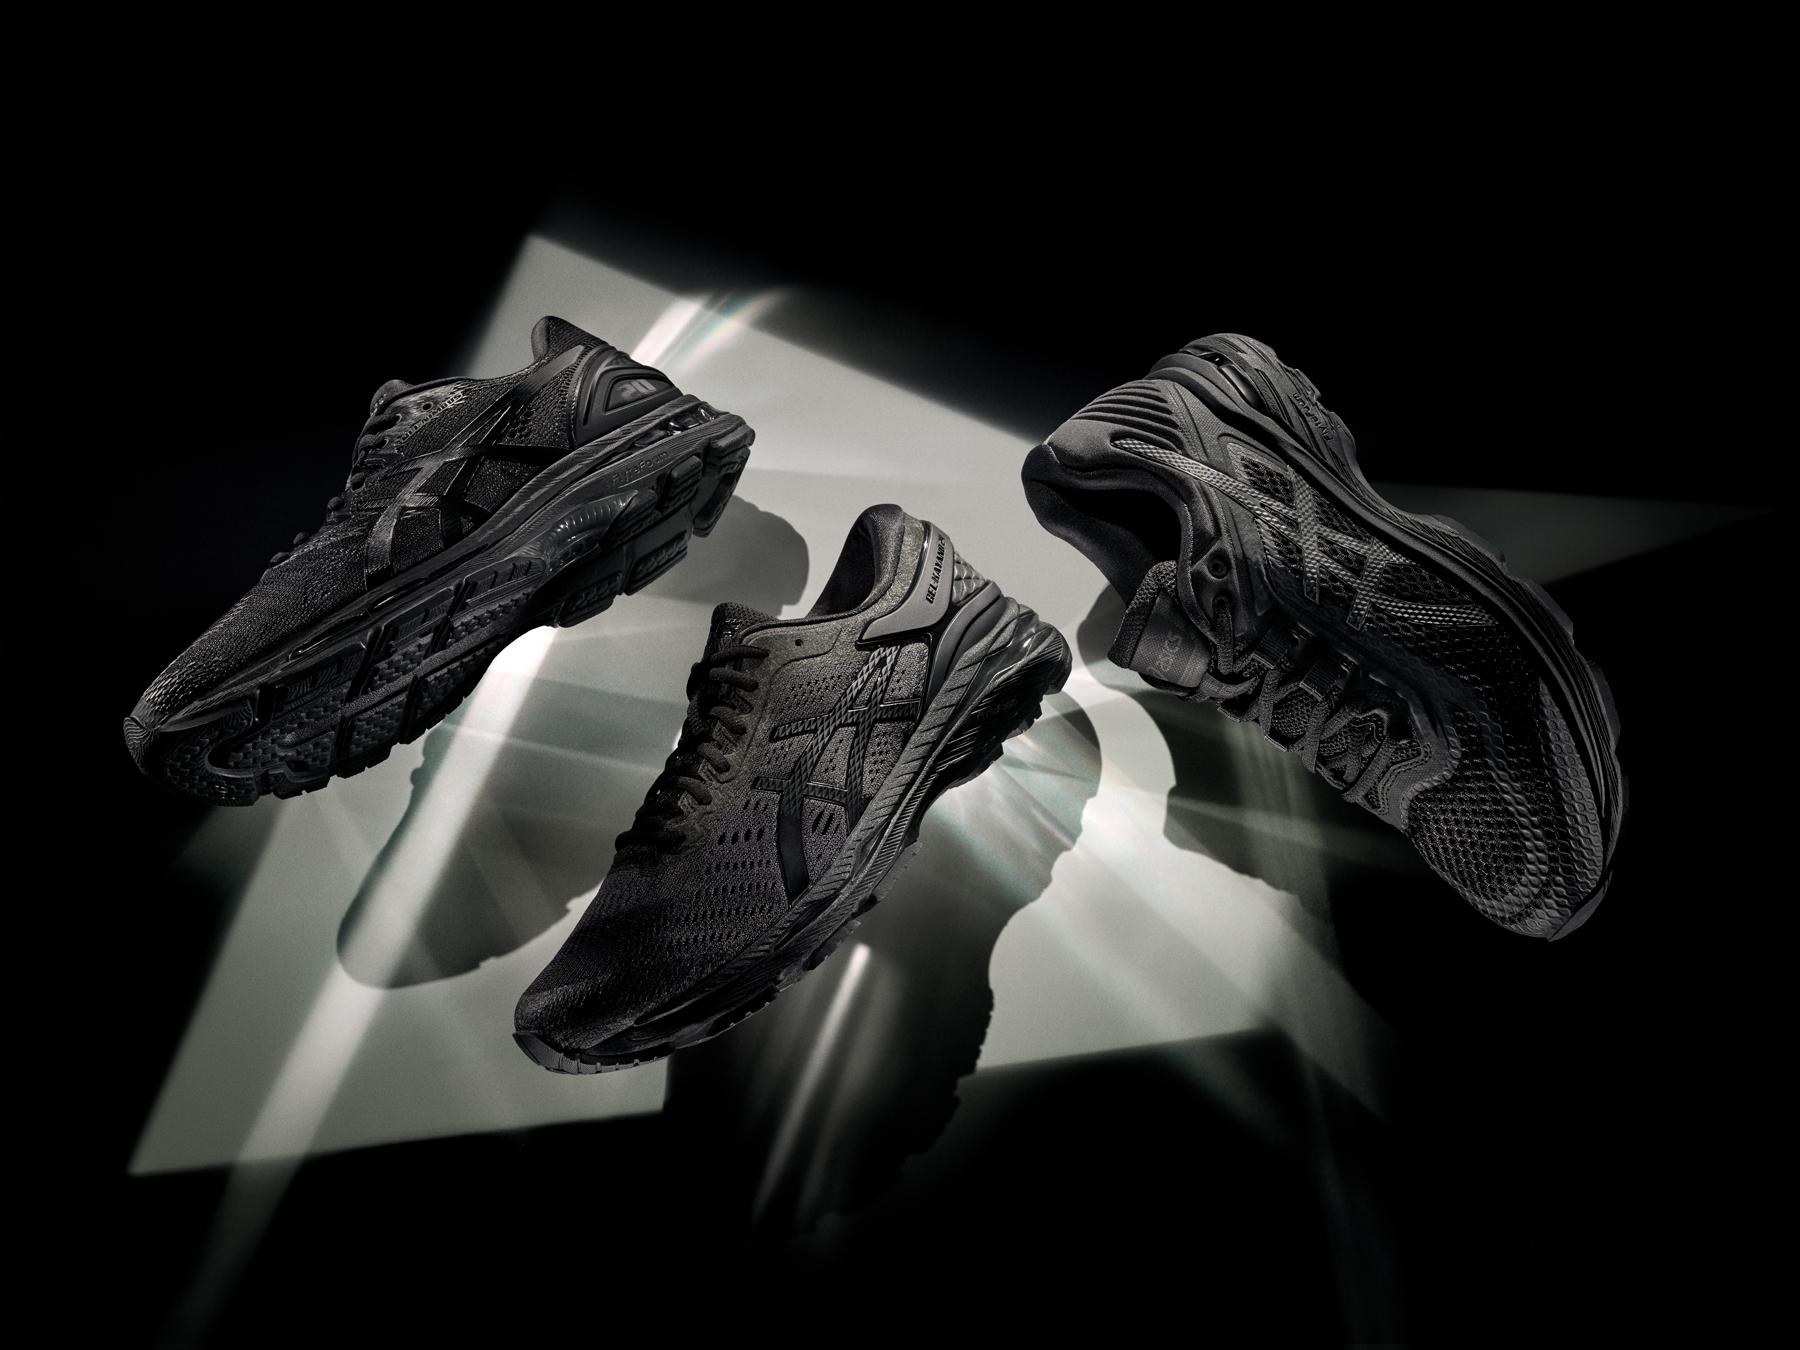 アシックス 洗練されたデザインでよりスタイリッシュに ブラックで統一したランニングシューズ 「モノクロームコレクション」を発売 asics